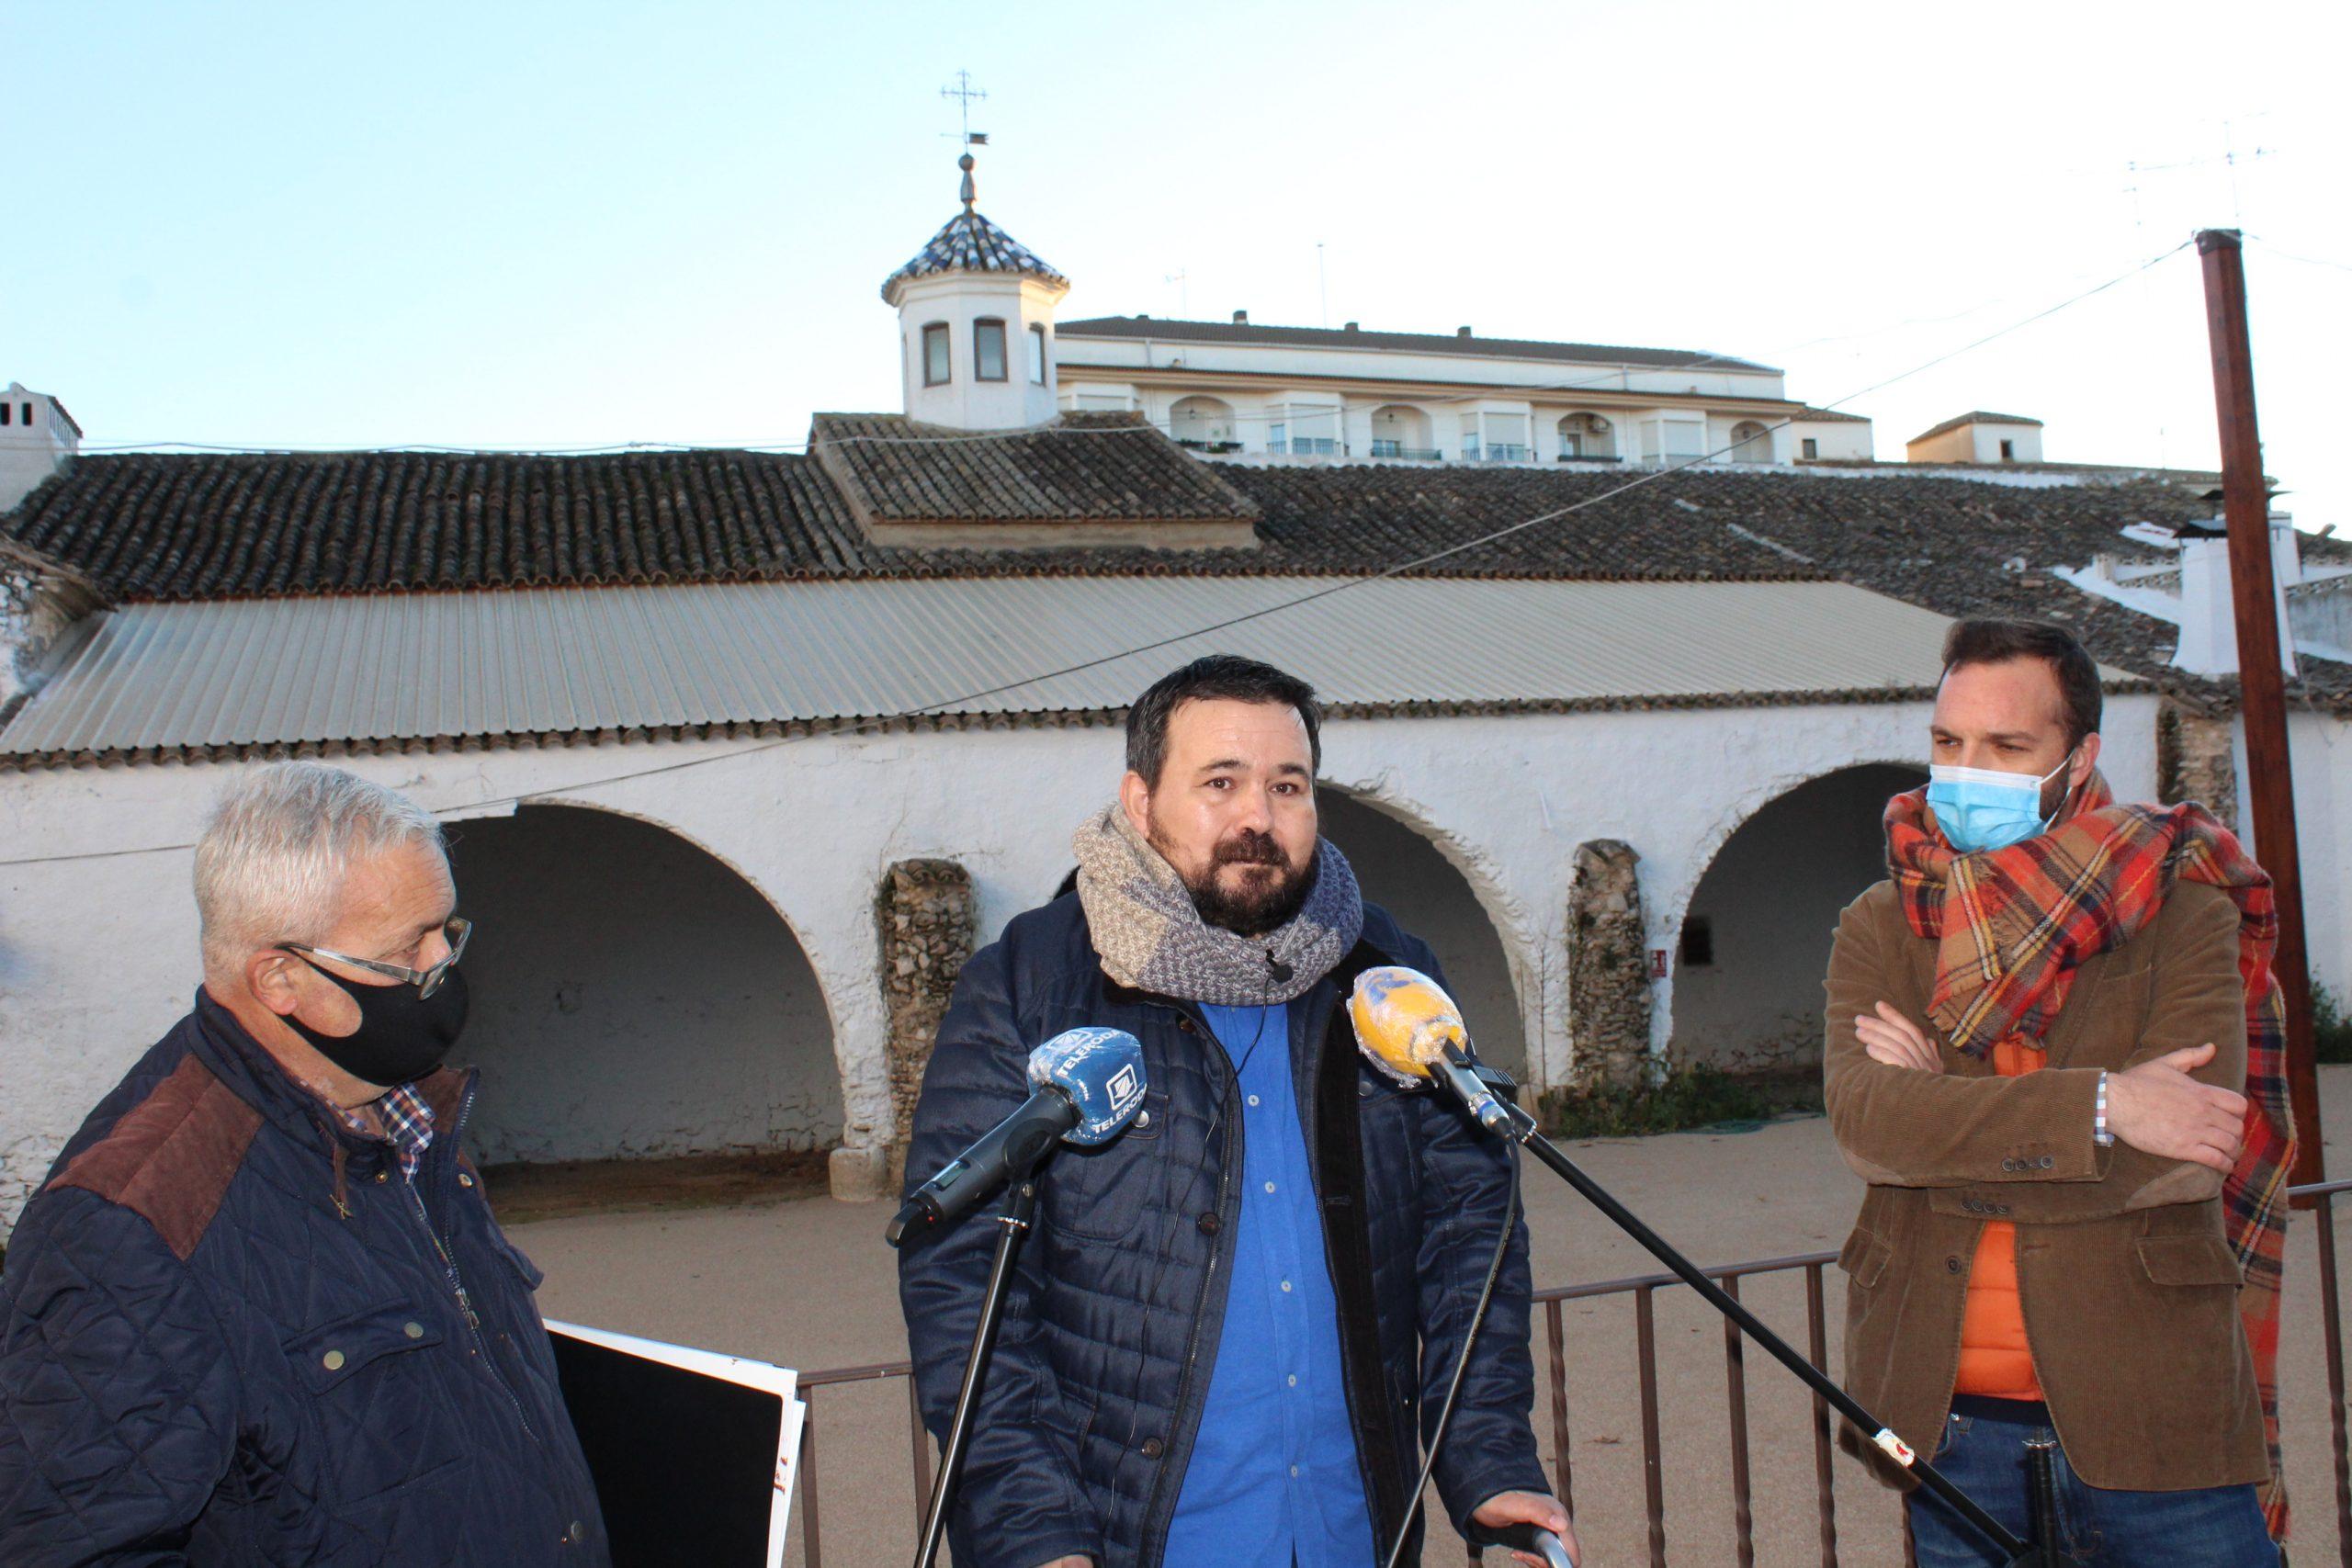 Amores Anuncia 763.000 Euros Para Recuperar La Posada Del Sol